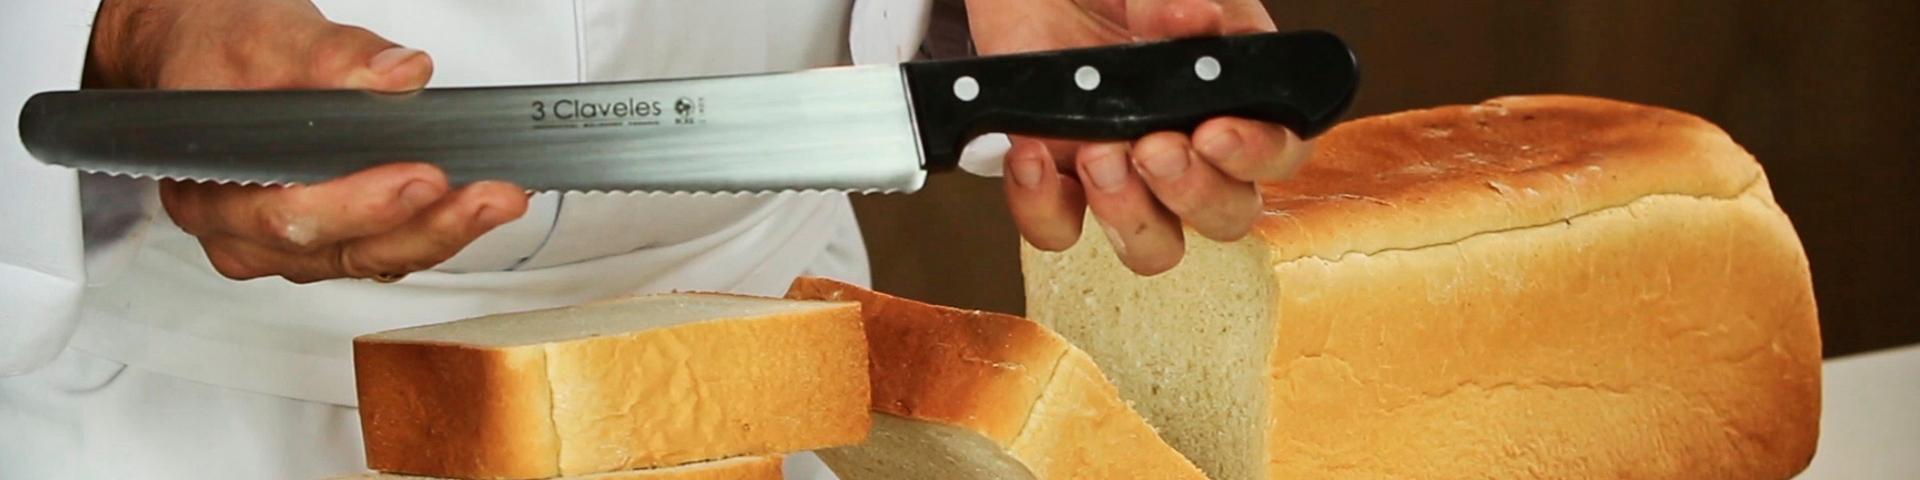 Tutorial – Cortar Quesos y Pan con 3 Claveles y Echapresto